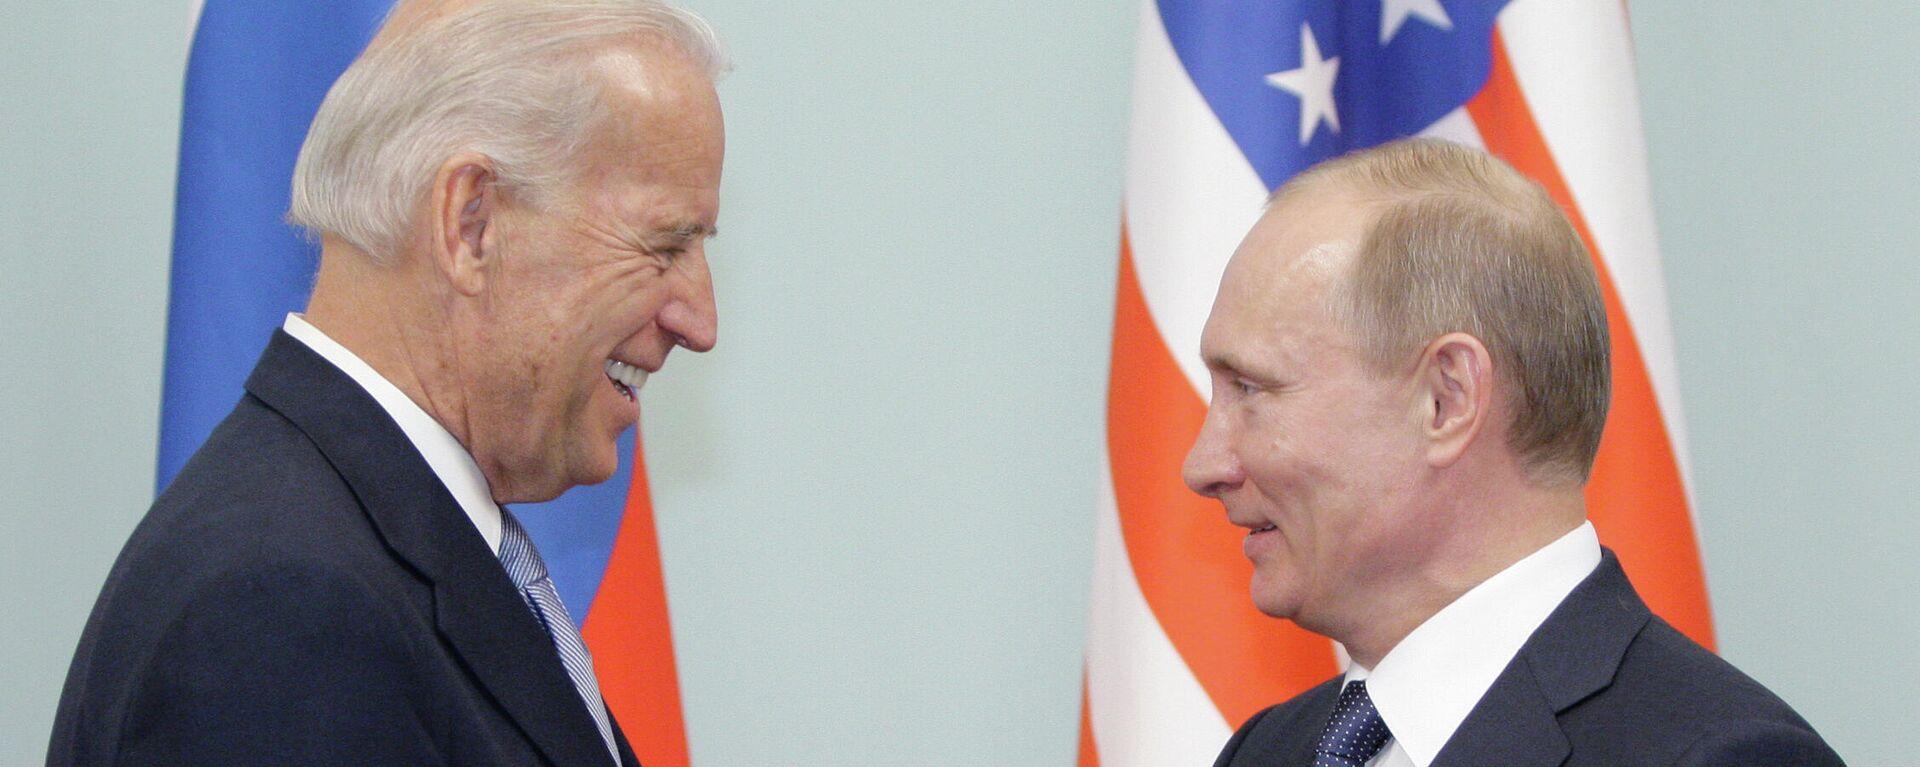 Joe Biden, entonces vicepresidente de EEUU, y Vladímir Putin, entonces primer ministro de Rusia, durante un encuentro el 2011 - Sputnik Mundo, 1920, 15.06.2021